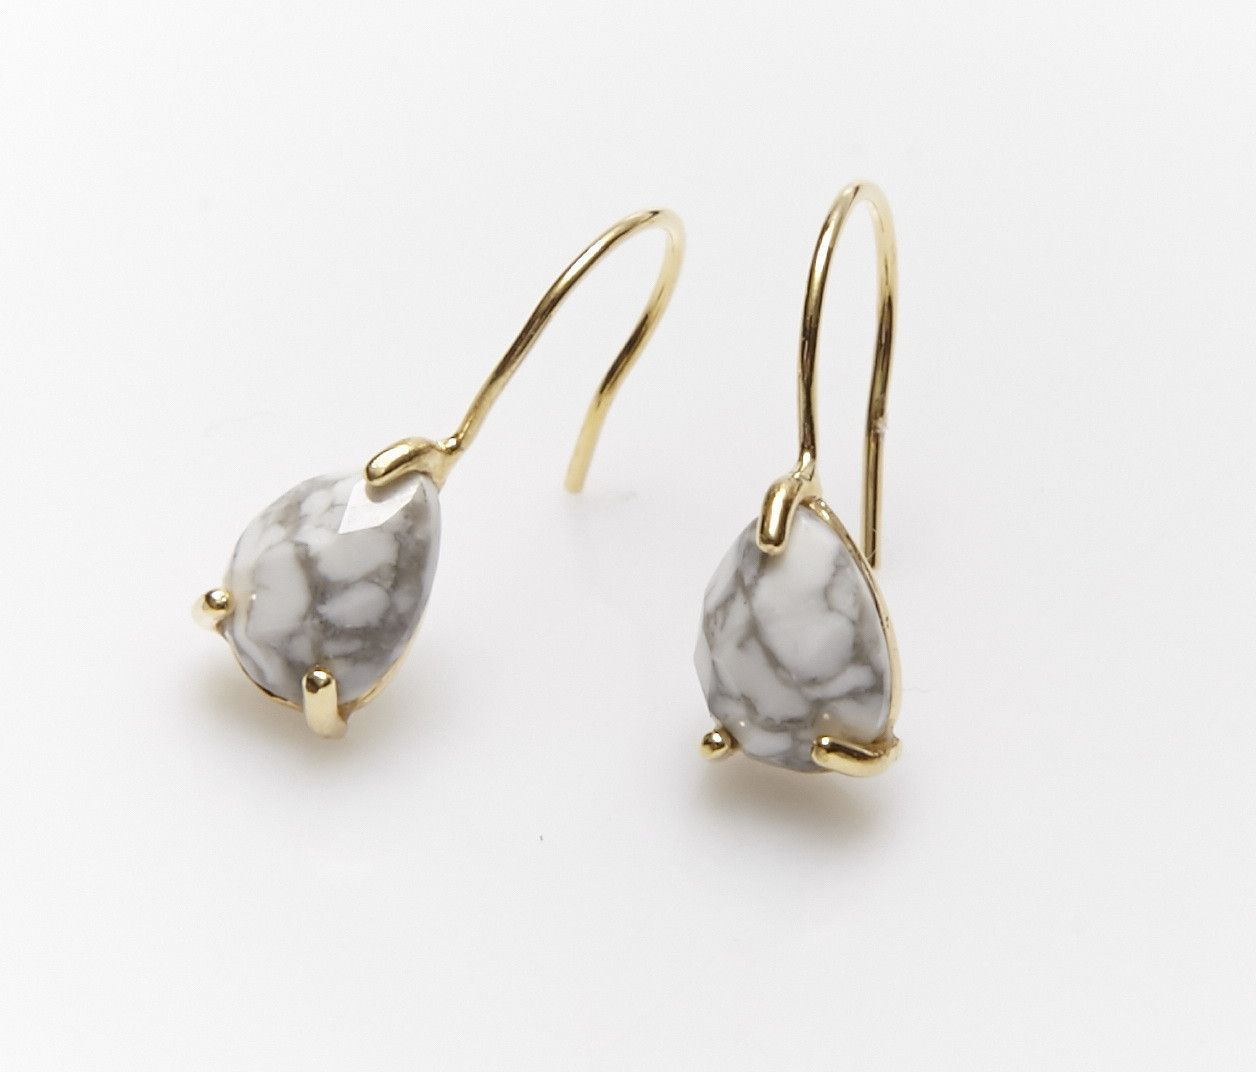 Sarska Earrings by Nakamol